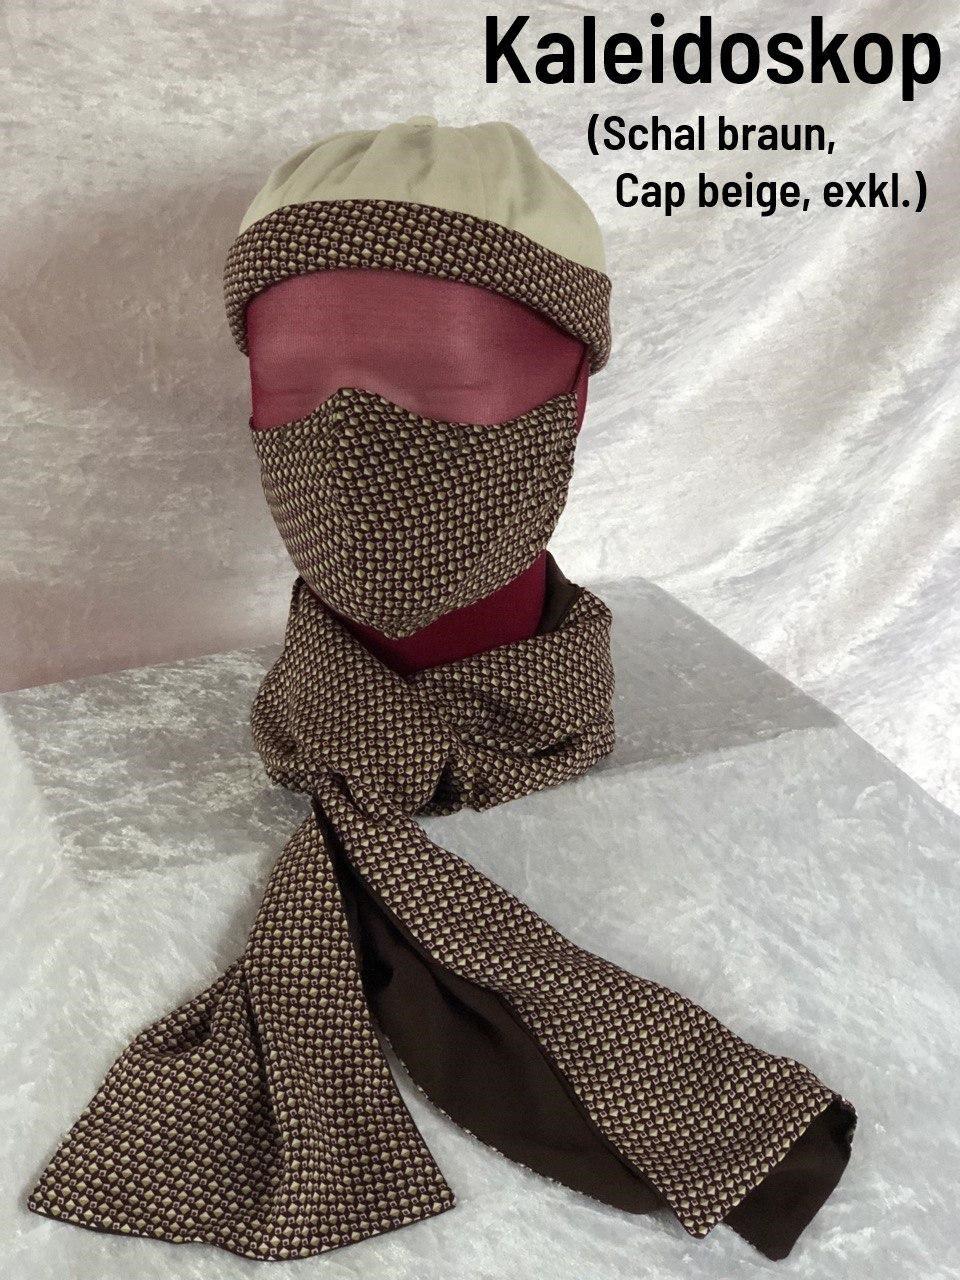 C - Maske + Schal braun + Cap beige exklusiv